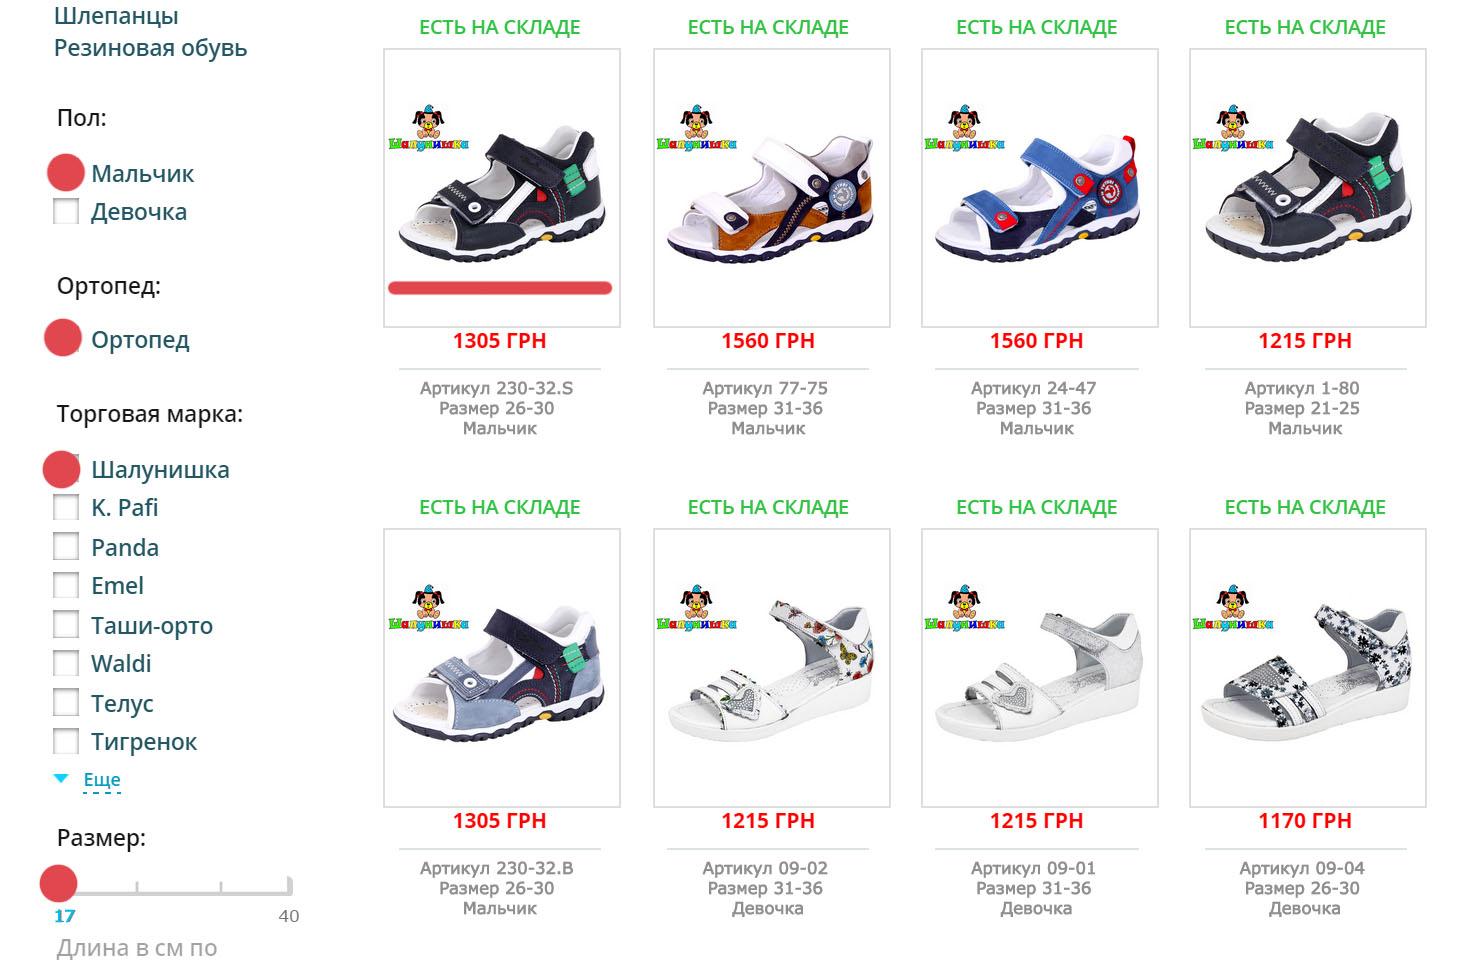 обувь для детей Интернет